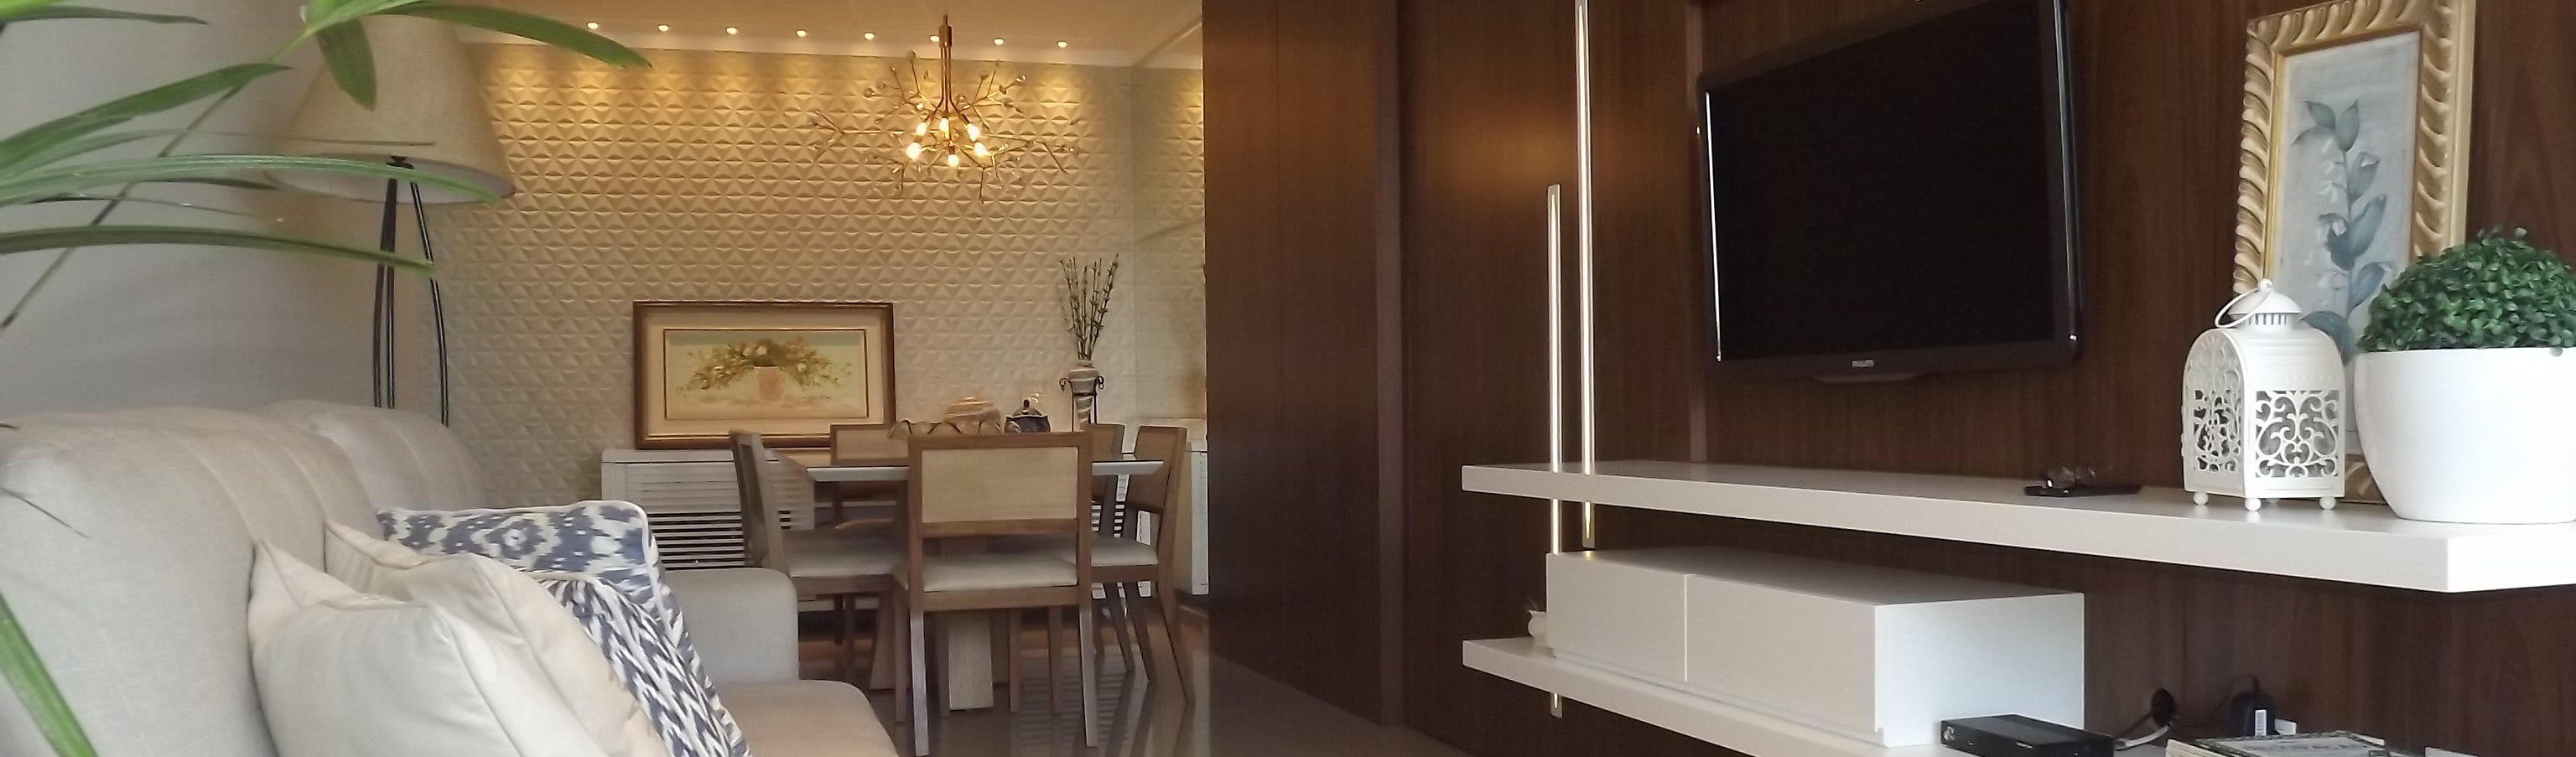 Office Duo Arquitetura e Interiores